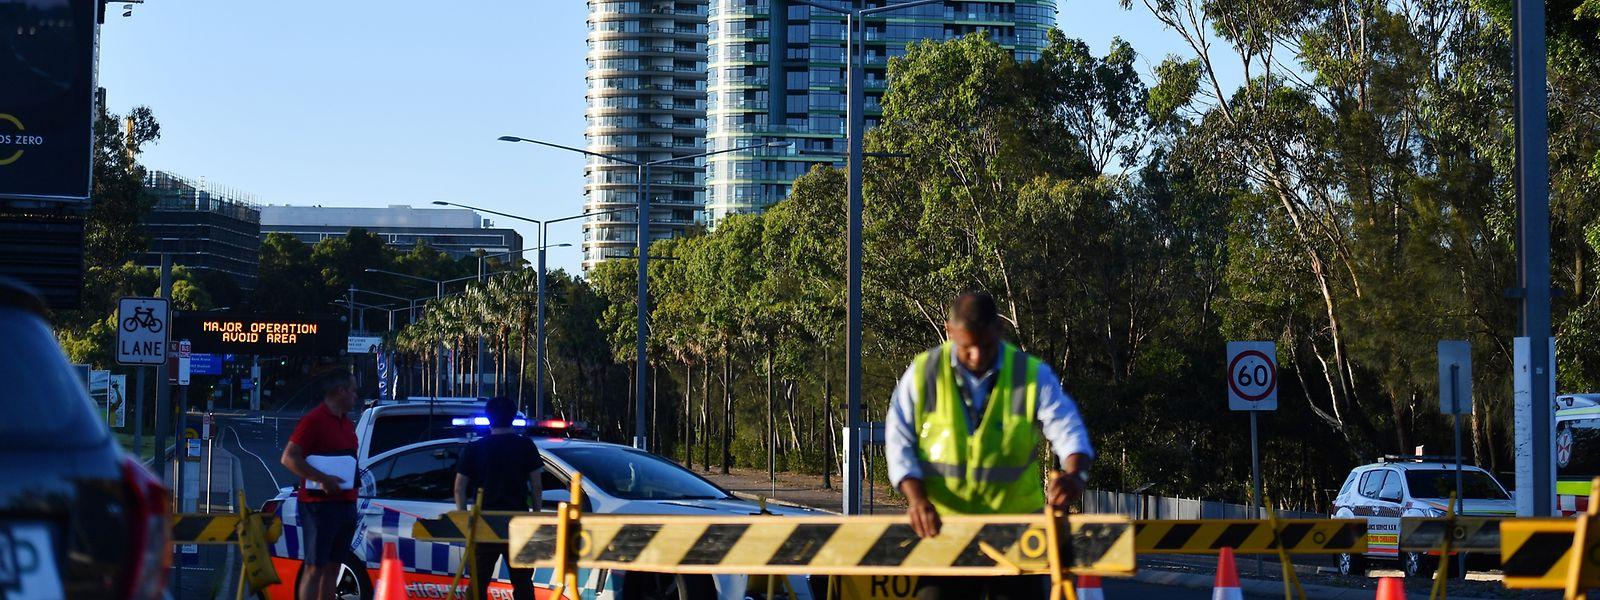 Eine Polizeiabsperrung steht an der Straße zum Hochhaus Opal Tower im Olympiapark. Mehr als 200 Menschen wurden aus einem 36-geschossigen Hochhaus evakuiert, aus Angst, dass das Gebäude einstürzen könnte.